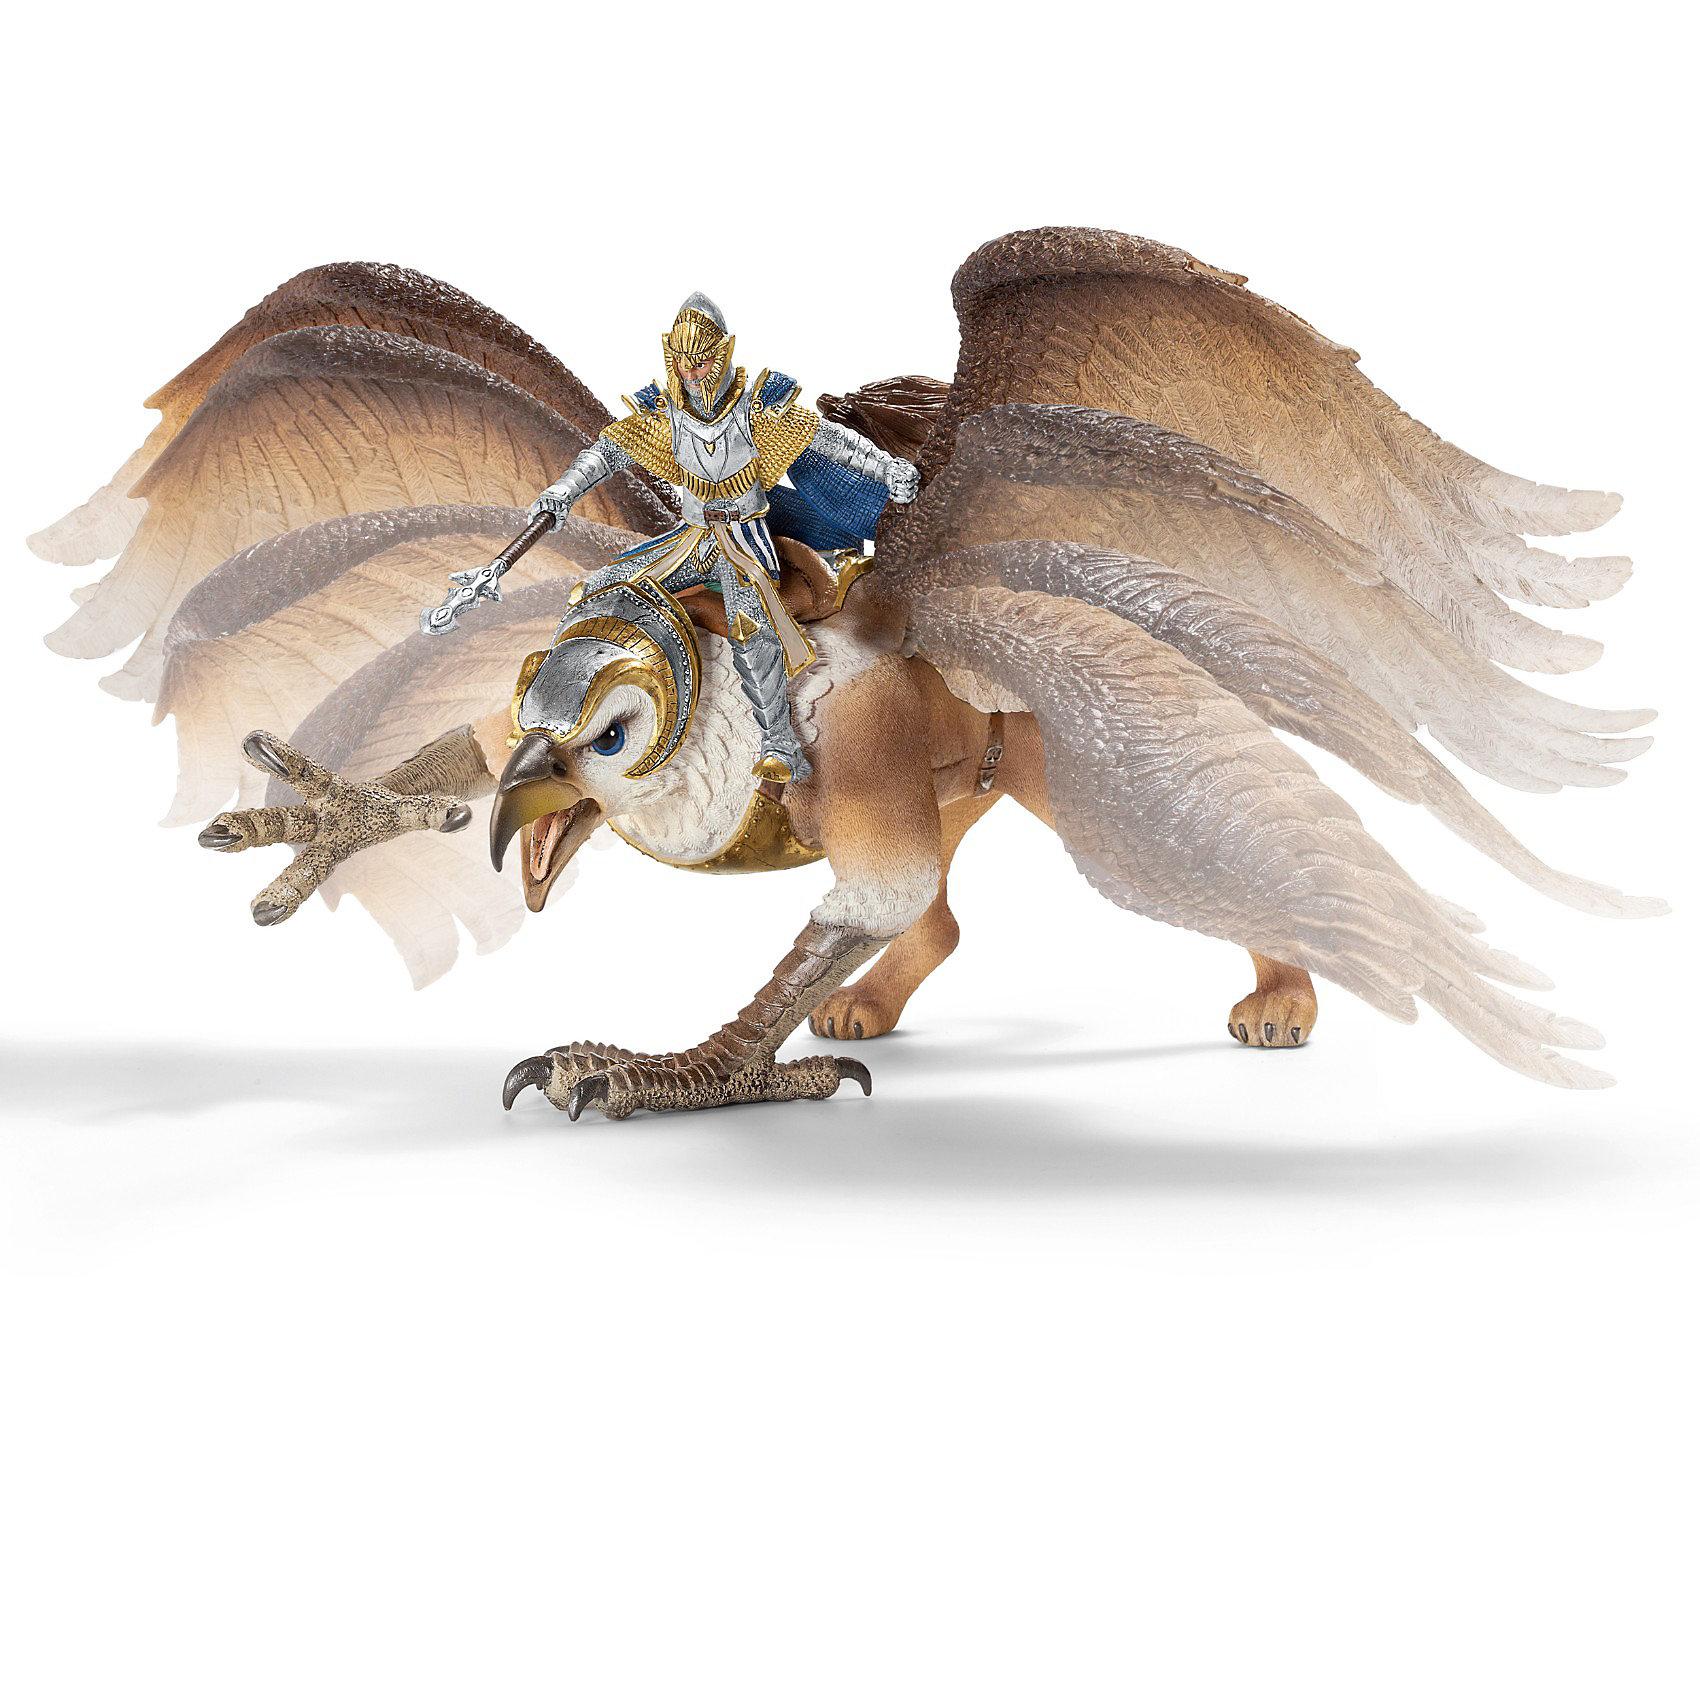 Всадник на грифоне Орден Грифона, SchleichВсадник на грифоне Орден Грифона от Schleich (Шляйх) на своей сильной птице может летать выше и дальше, чем на любом другом драконе. Вождь Ордена Грифон оседлал эту гордую птицу, надел на нее мощную броню. Грифон обладает прекрасным зрением, он замечает любое движение с очень большого расстояния, это делает вождя Ордена Грифонов практически непобедимым. <br><br>Дополнительная информация:<br><br>-фигурка Рыцарь на грифоне, раскрашенная вручную, сделана из безопасного материала – каучукового пластика<br>-размеры (ДхШхВ): 29х17,5х17,5 см<br>-крылья грифона подвижные<br>-всадник надежно крепится к грифону с помощью магнитов, встроенных в фигурку. <br><br>Игрушку Всадник на грифоне Орден Грифона, Schleich (Шляйх) можно купить в нашем интернет - магазине.<br><br>Ширина мм: 295<br>Глубина мм: 175<br>Высота мм: 172<br>Вес г: 805<br>Возраст от месяцев: 36<br>Возраст до месяцев: 96<br>Пол: Мужской<br>Возраст: Детский<br>SKU: 3164163